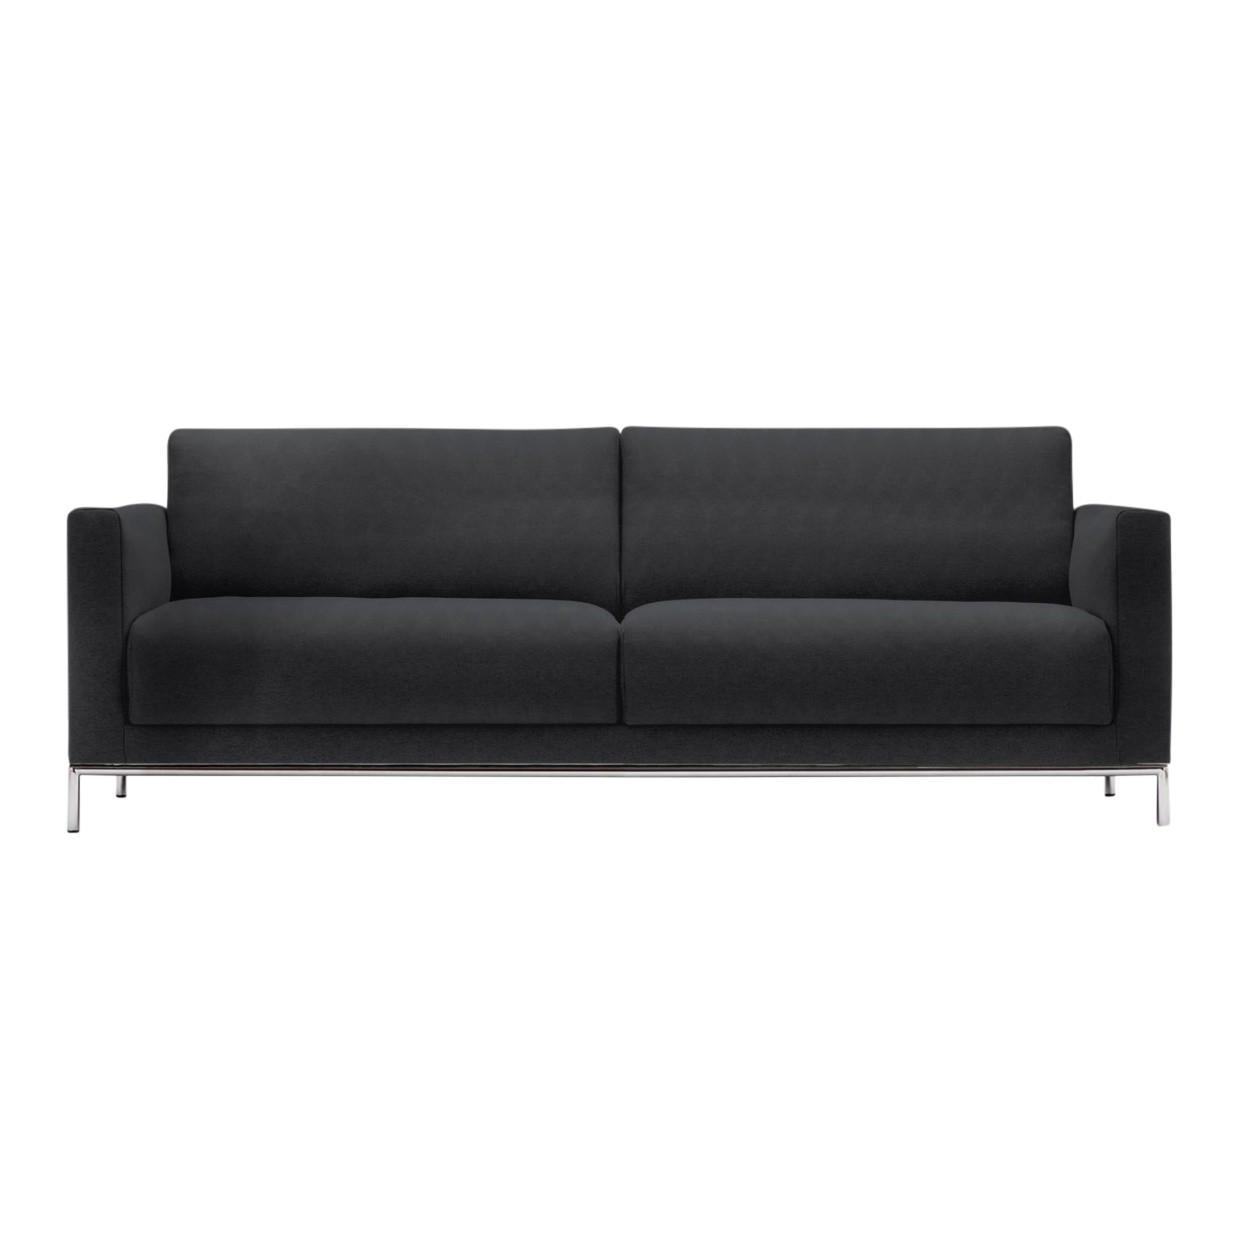 Freistil 141 3 Seater Sofa Frame Chrome